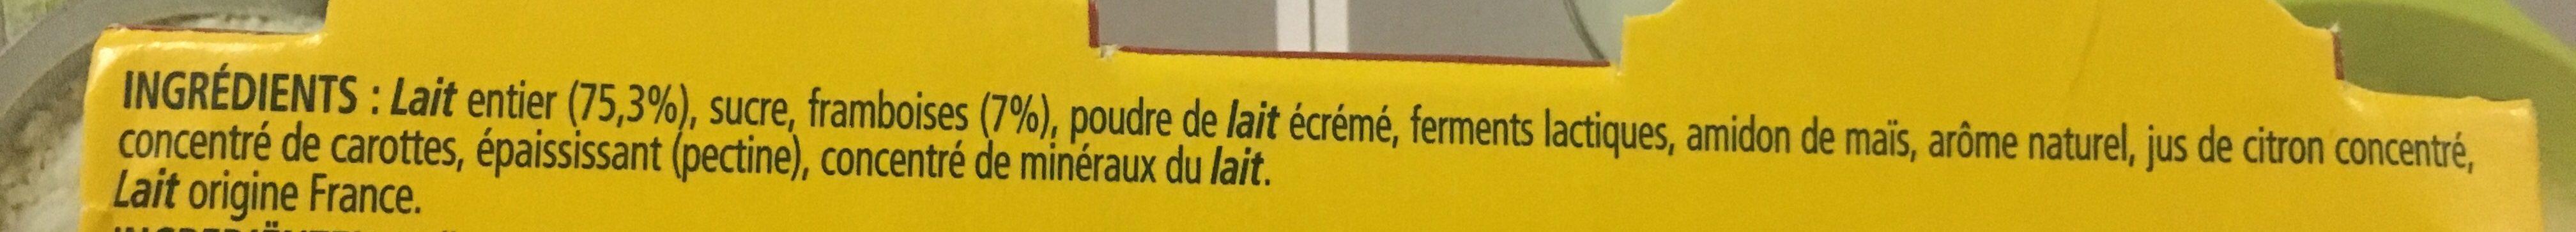 Le Yaourt sur Lit de Framboise - Ingredients - fr